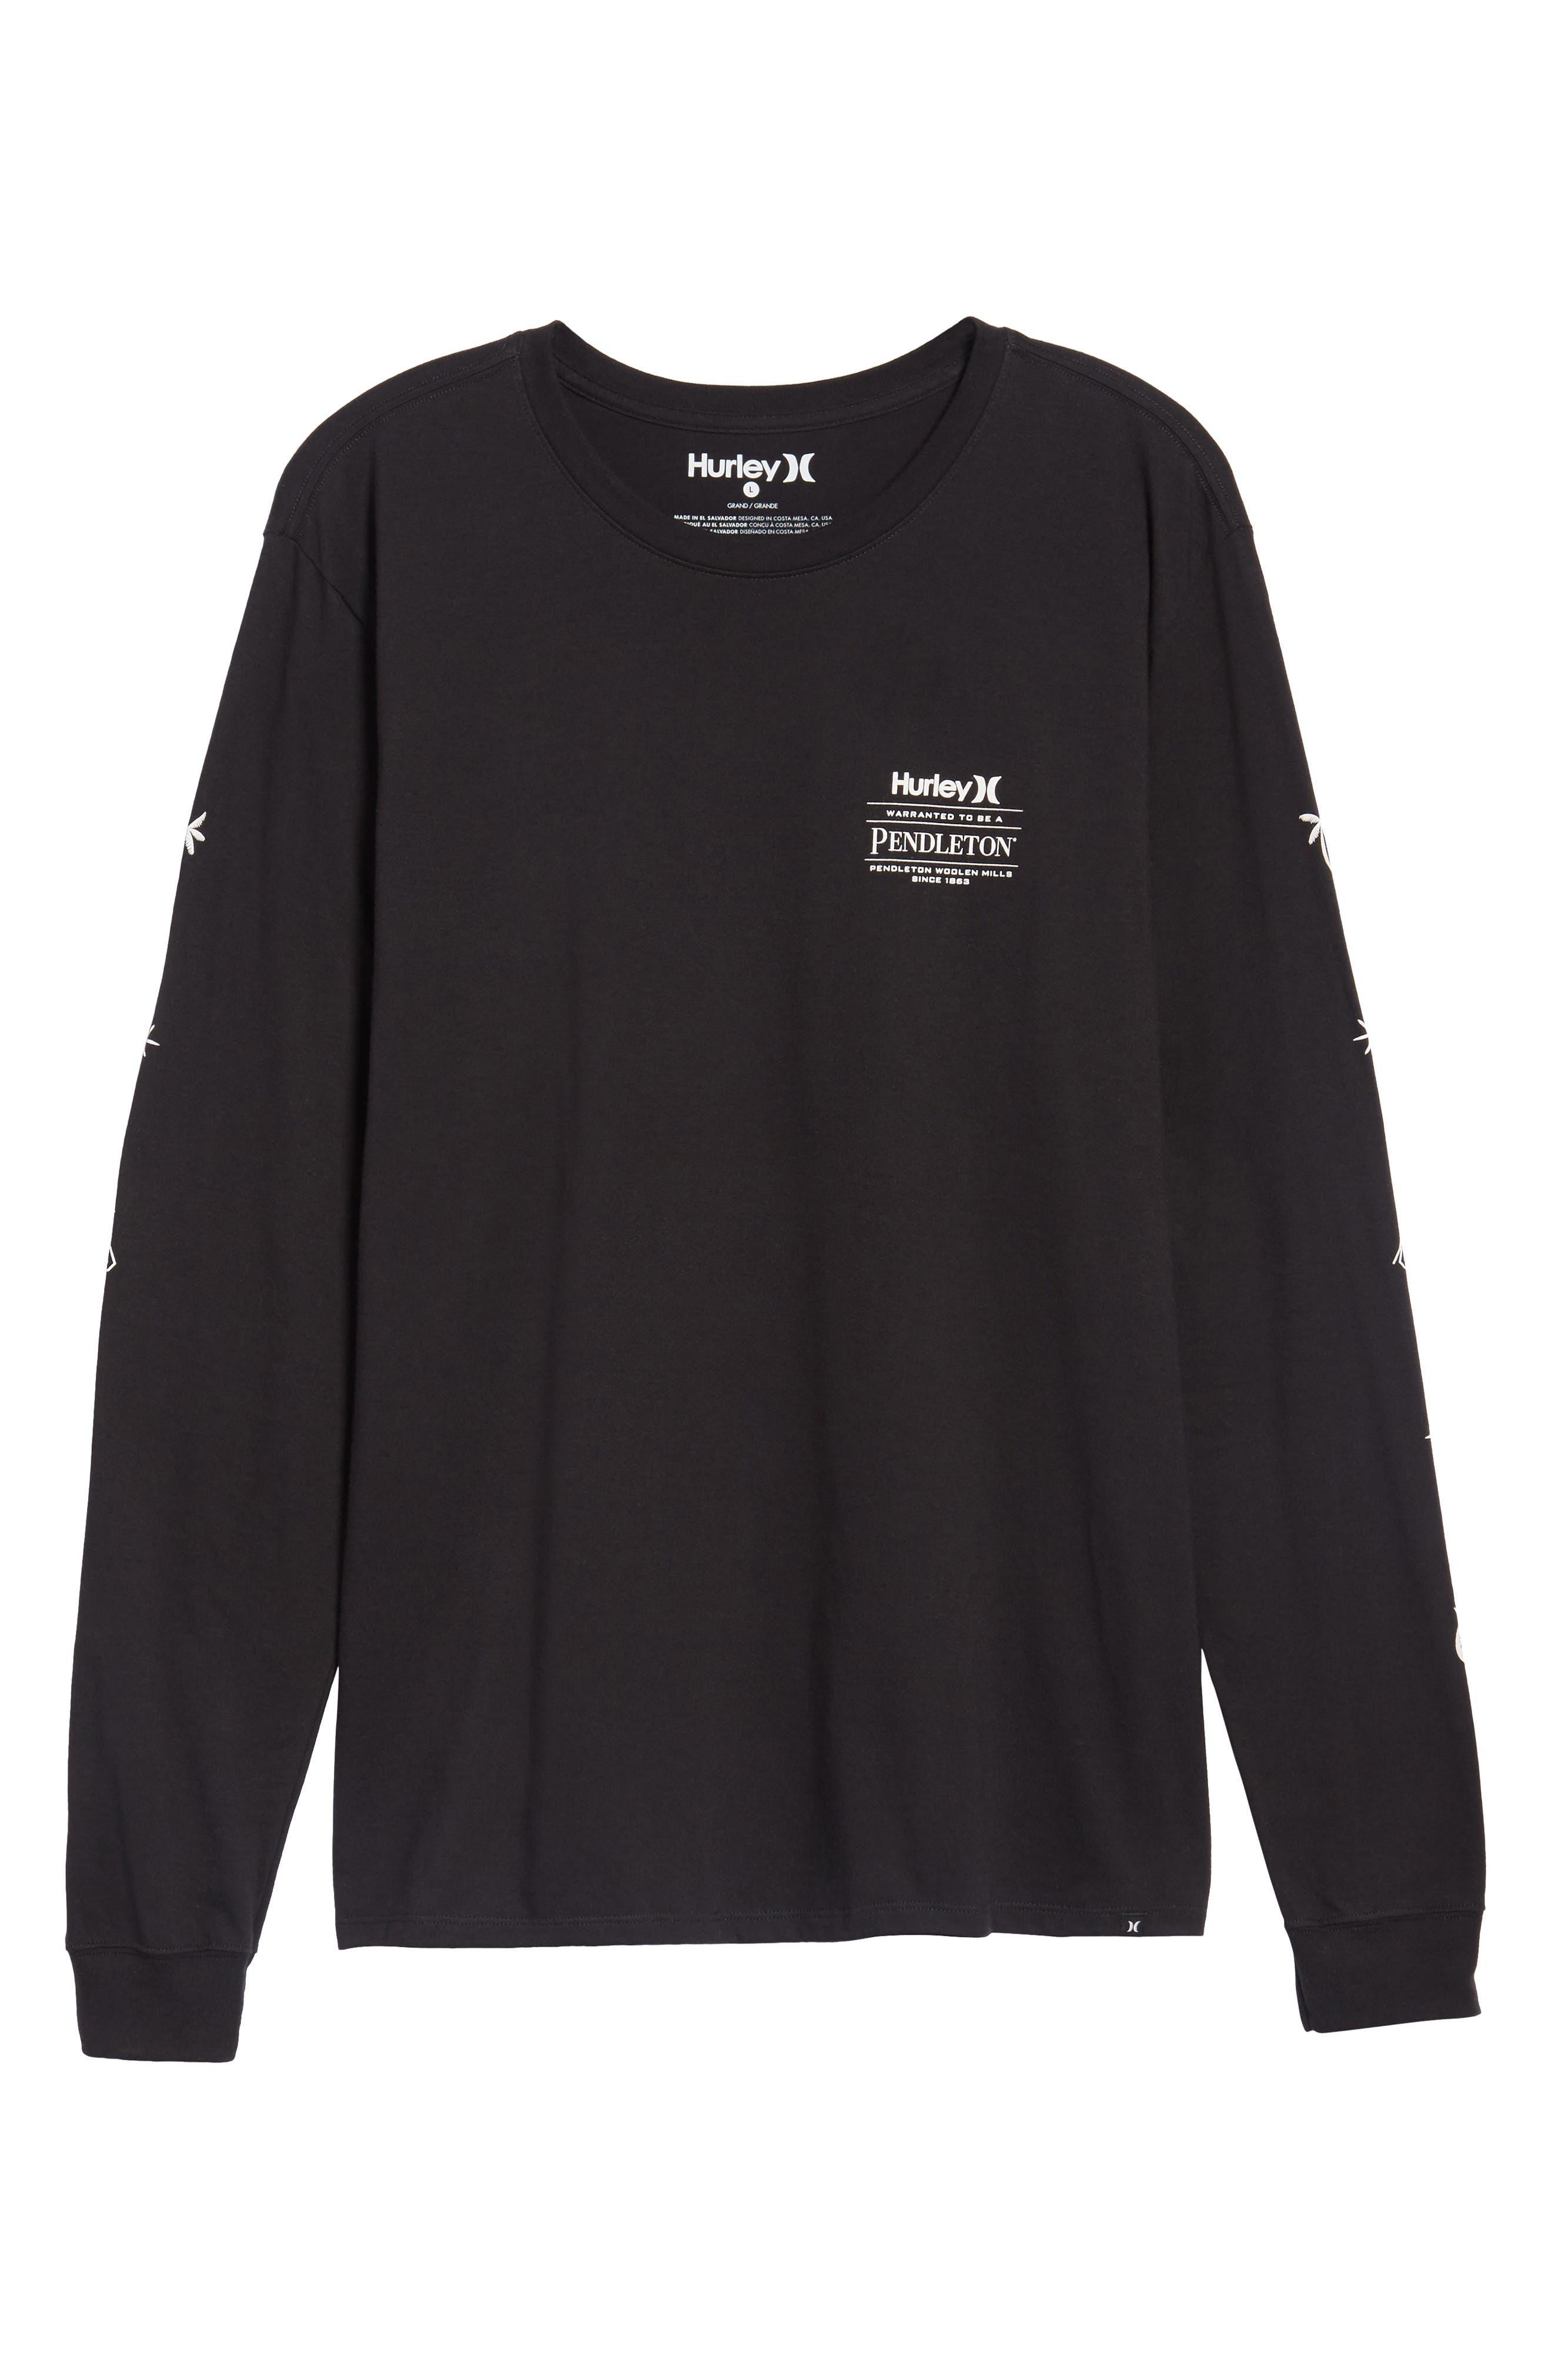 x Pendleton Long Sleeve T-Shirt,                             Alternate thumbnail 6, color,                             010